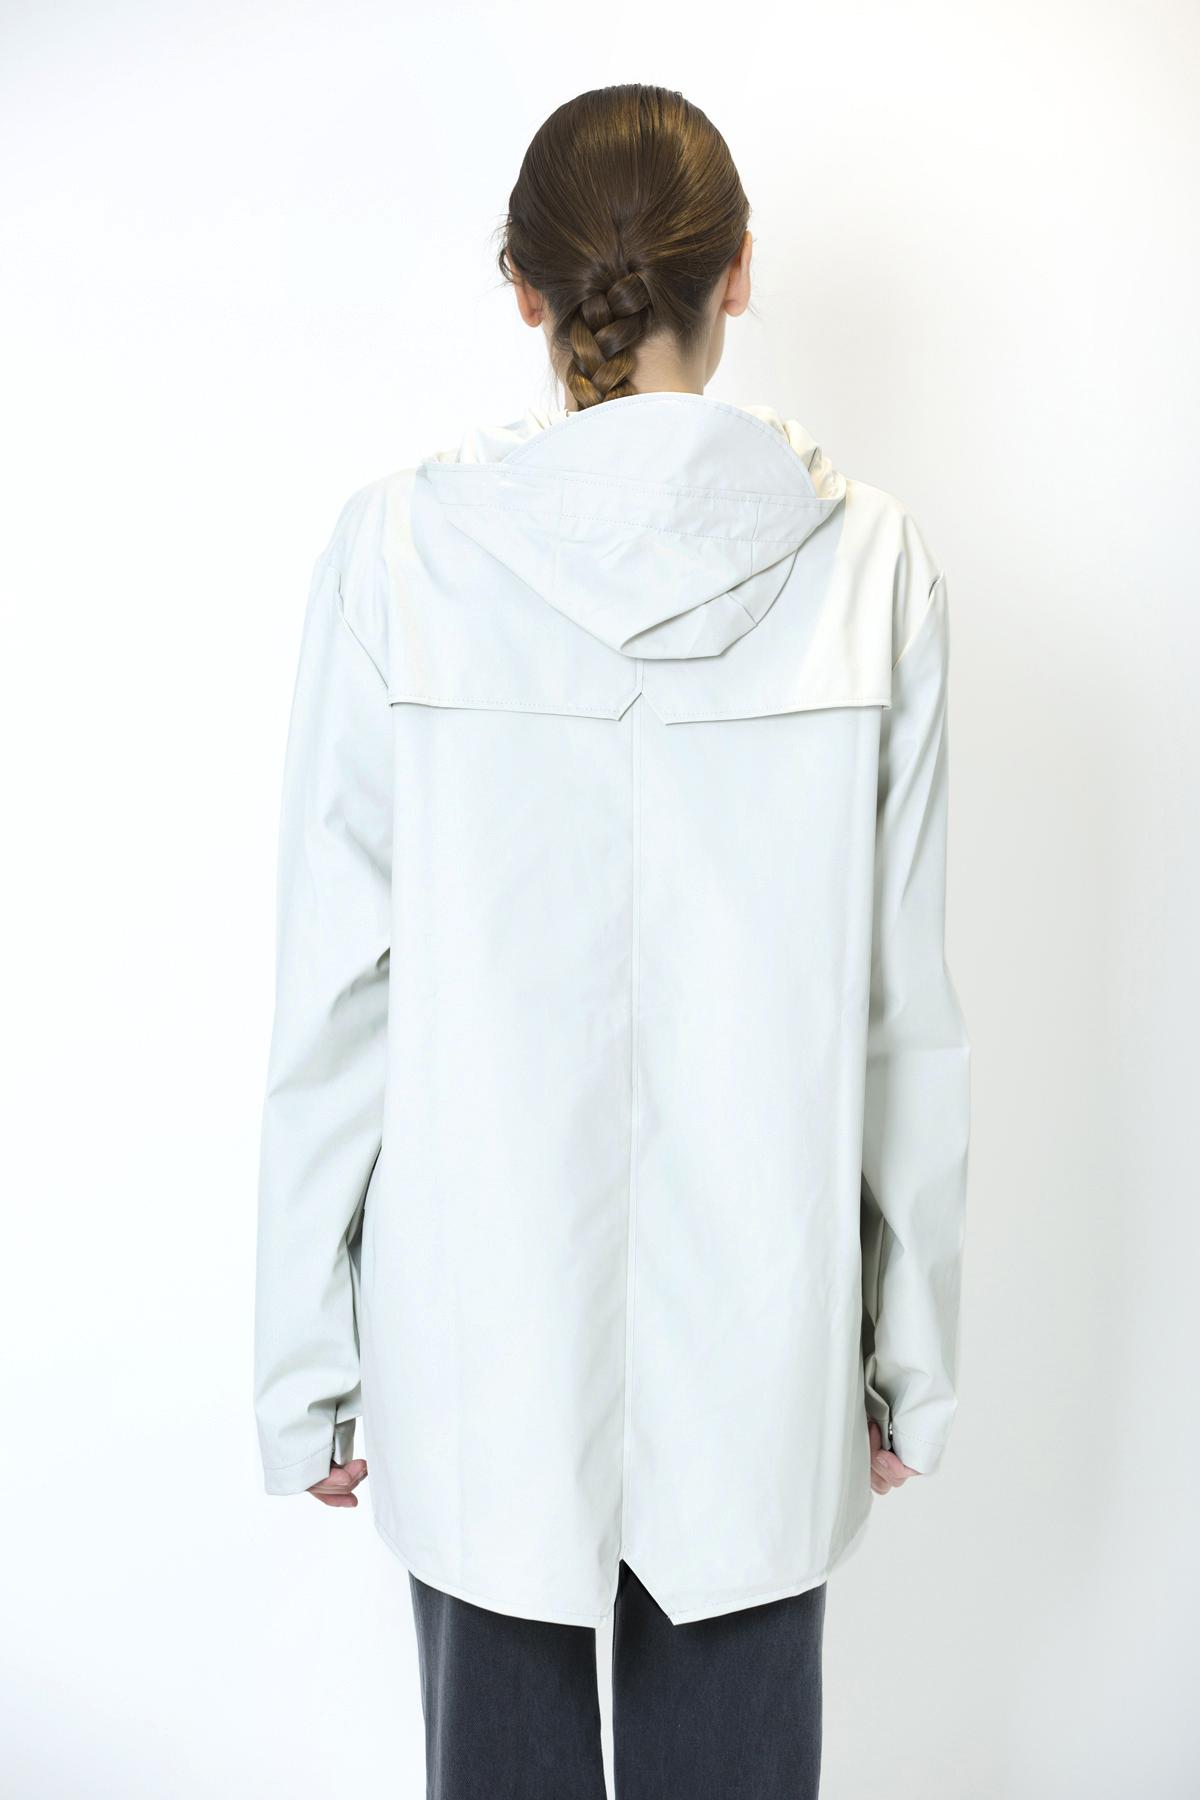 rains-off-white-jacket-raincoat-matcboxathens